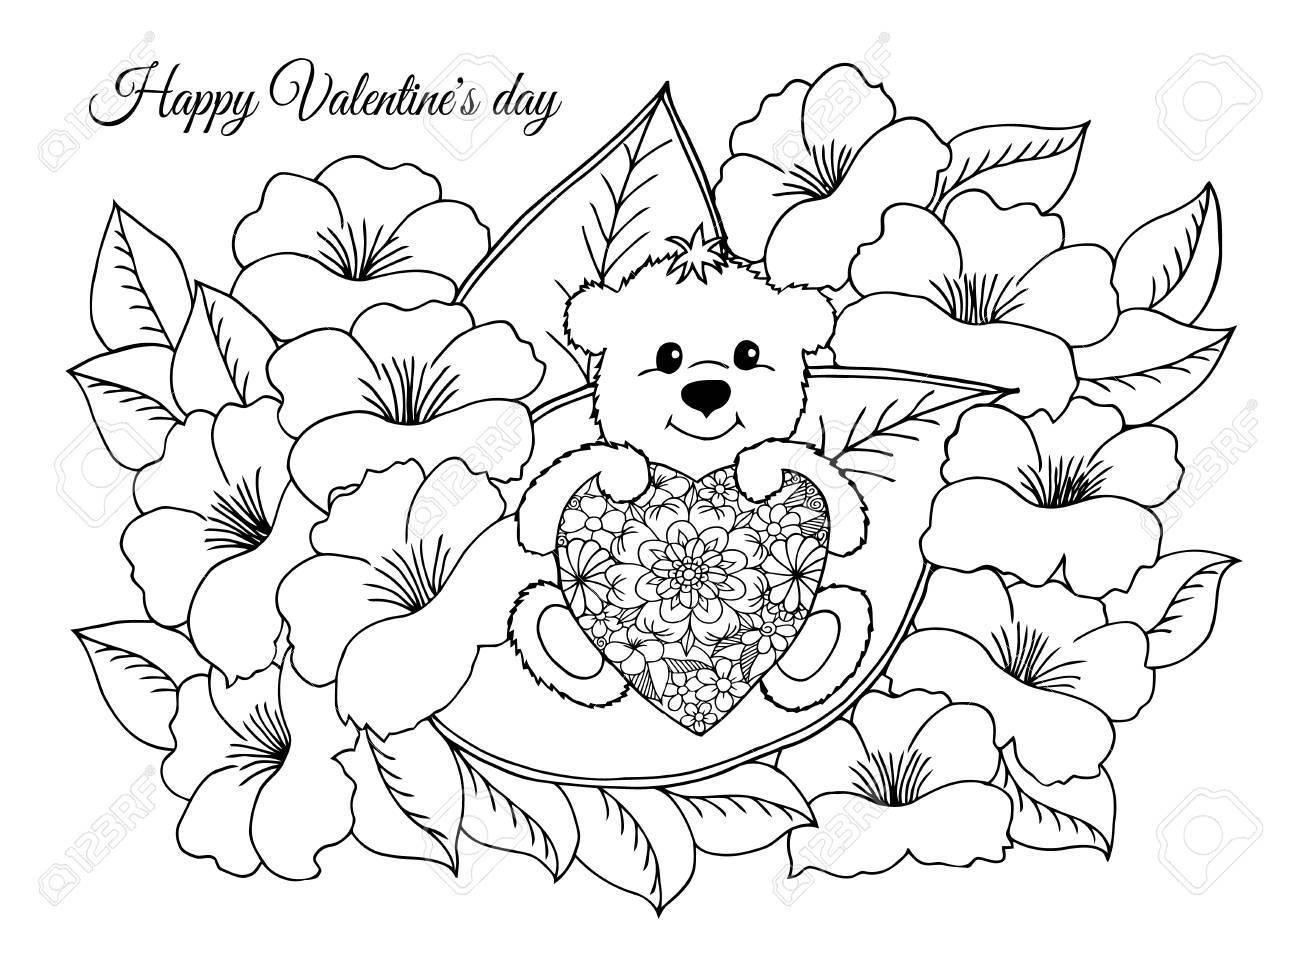 Ilustración, San Valentín, Enamorados De Un Oso De Peluche Con Un ...